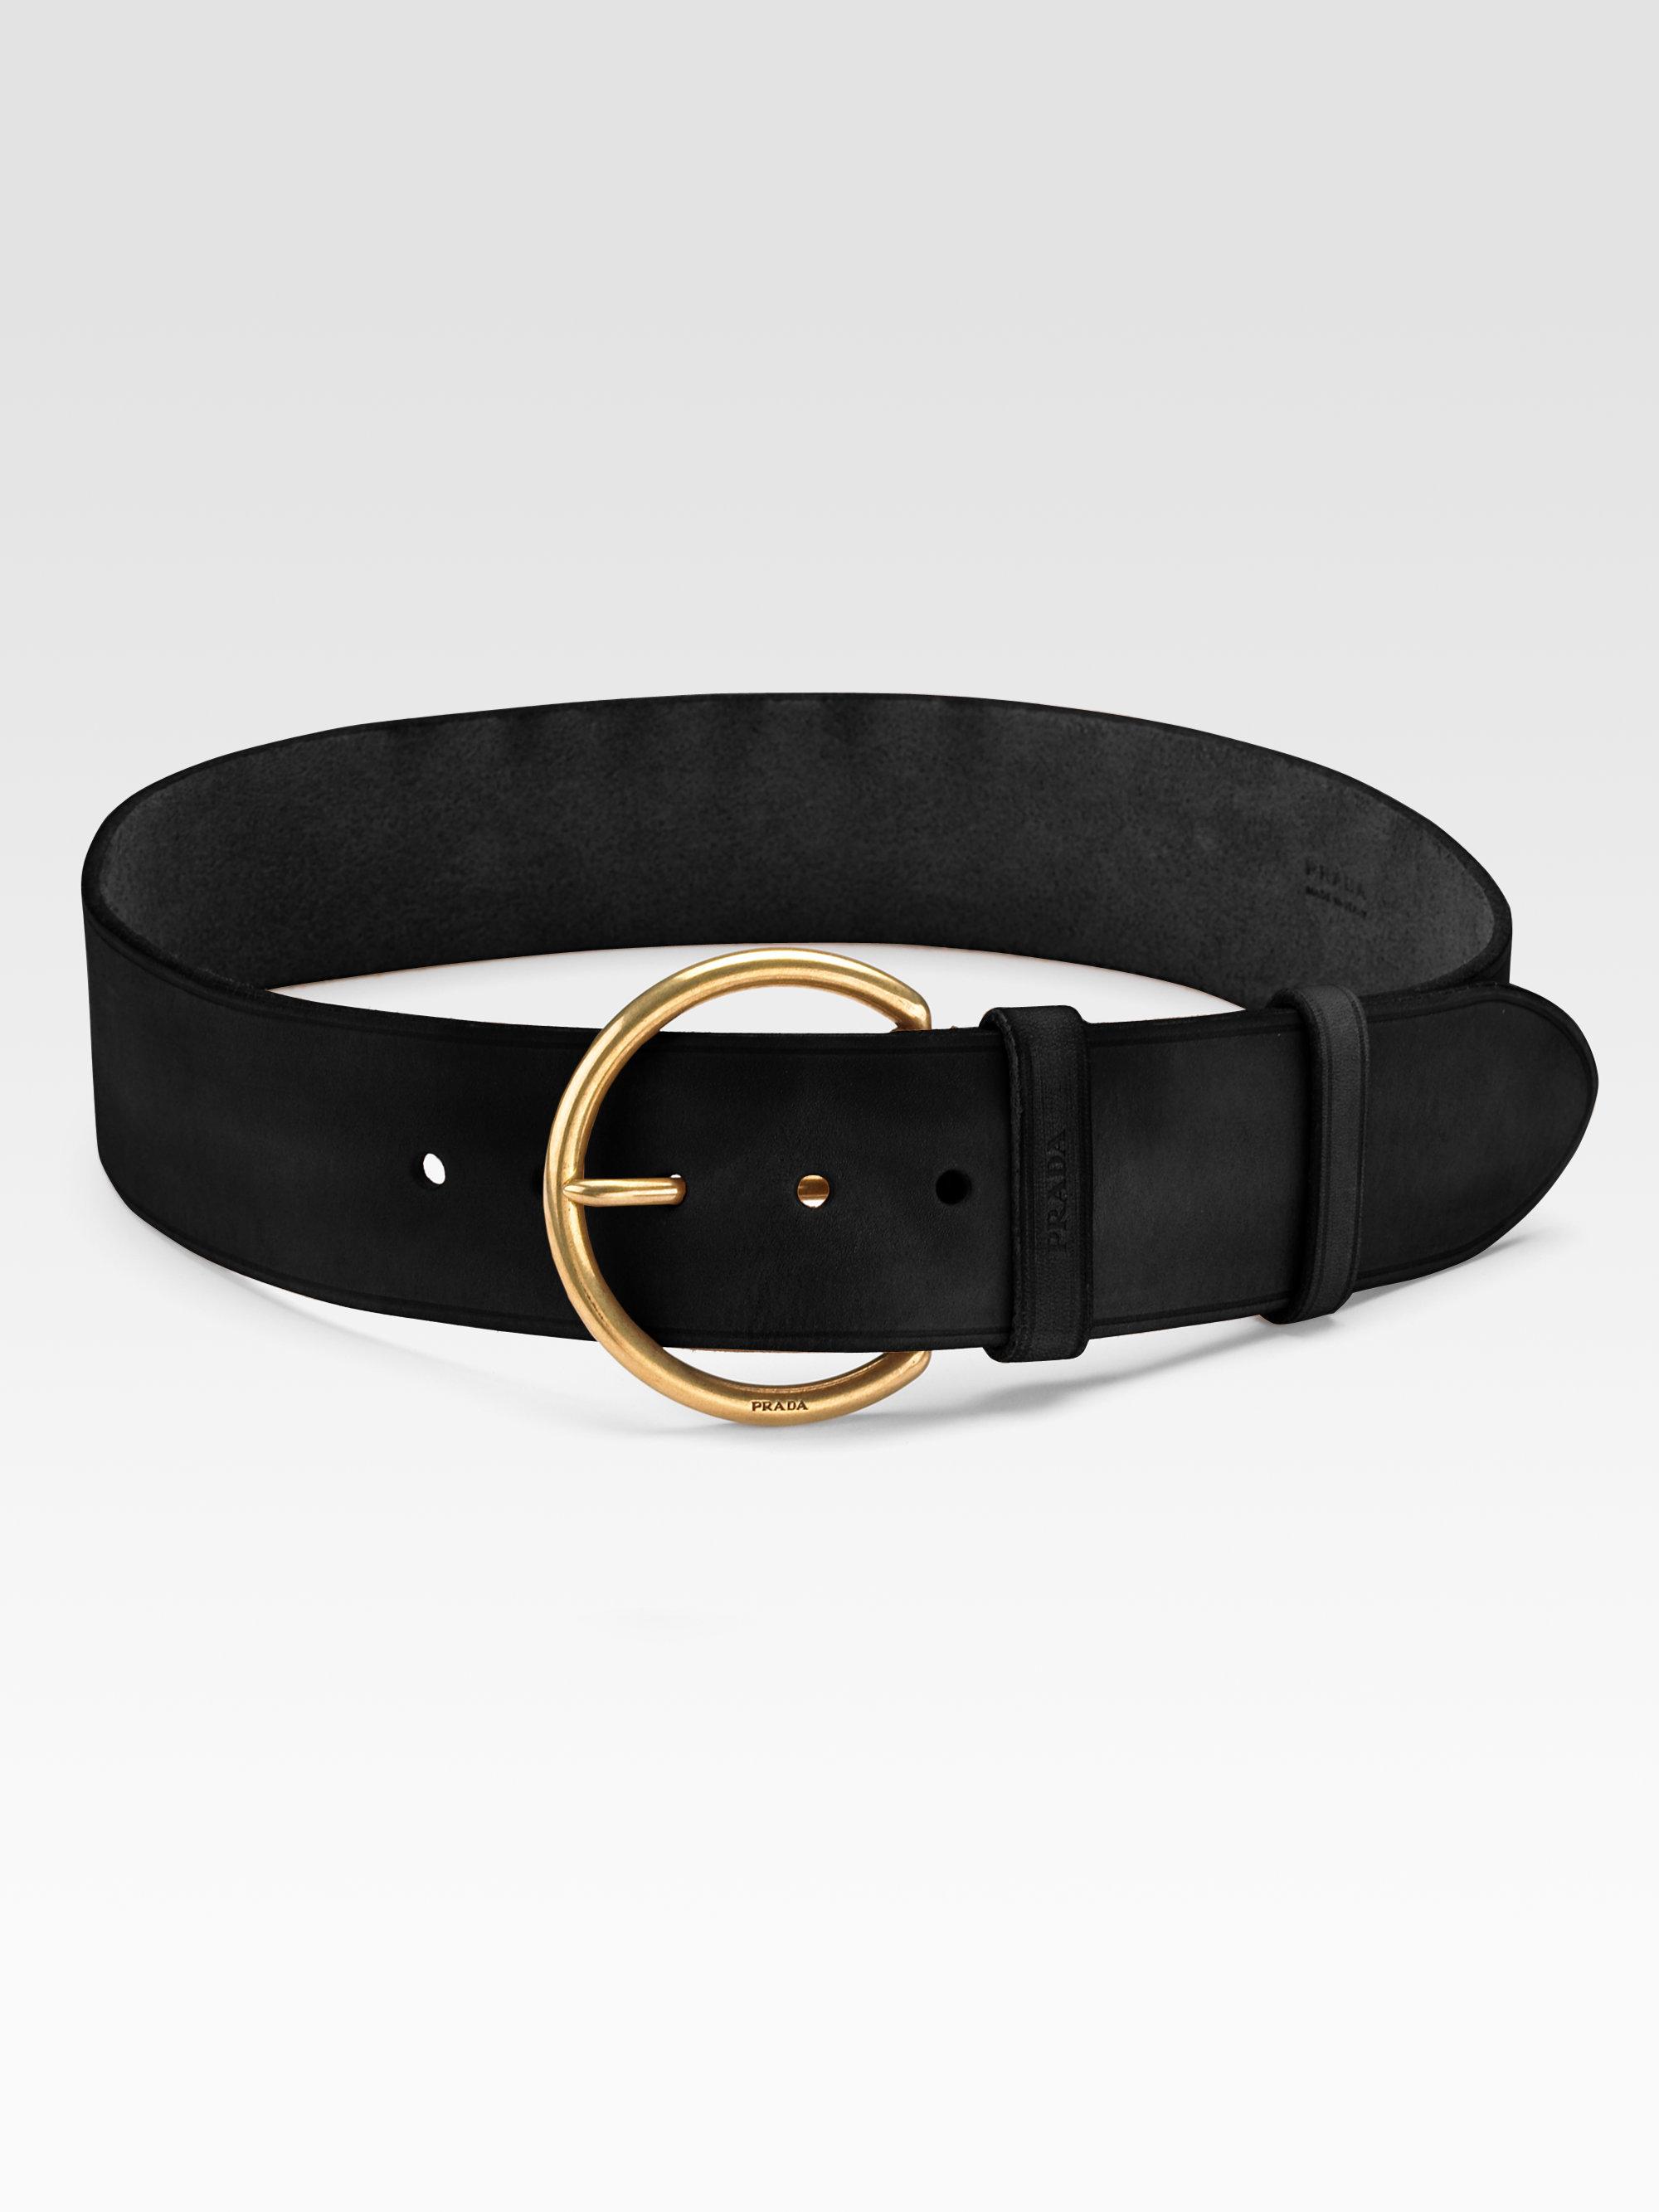 Prada Cuoio Belt in Black | Lyst